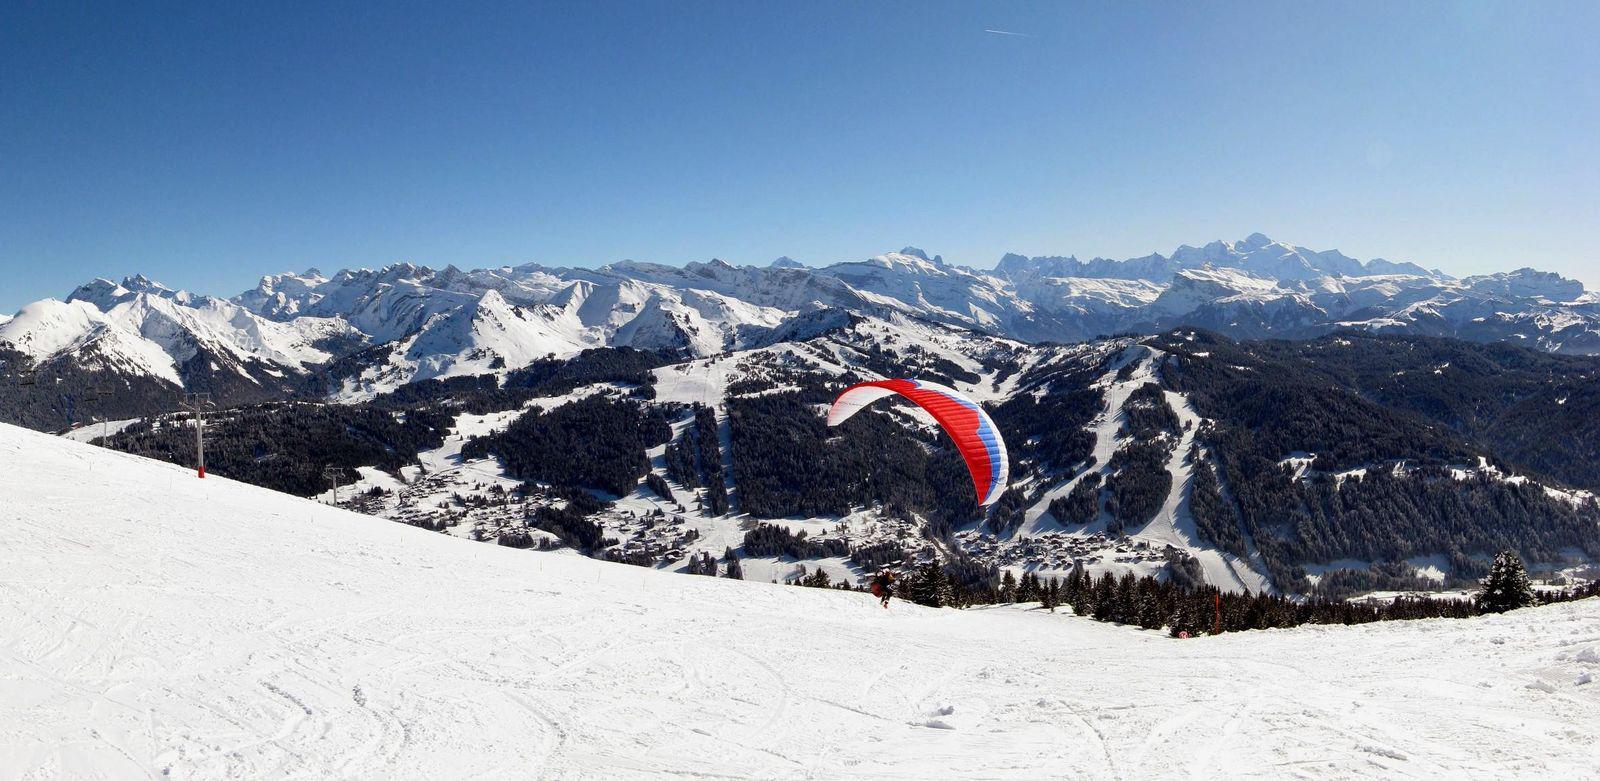 Domaine skiable LES GETS_Les Gets (1)